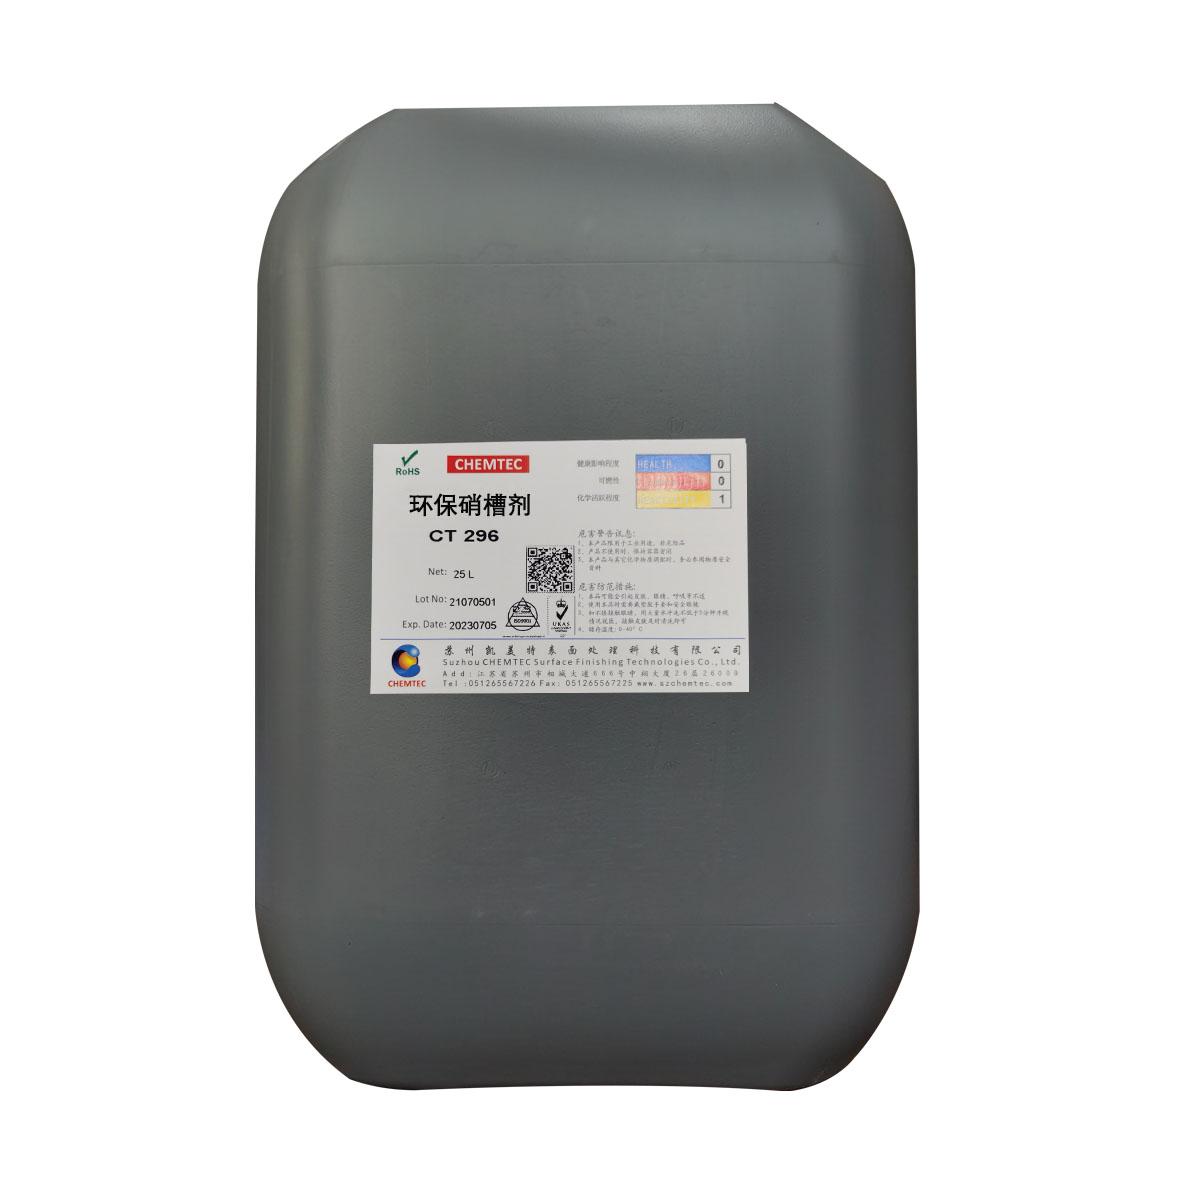 无硝酸根硝槽退挂剂工艺